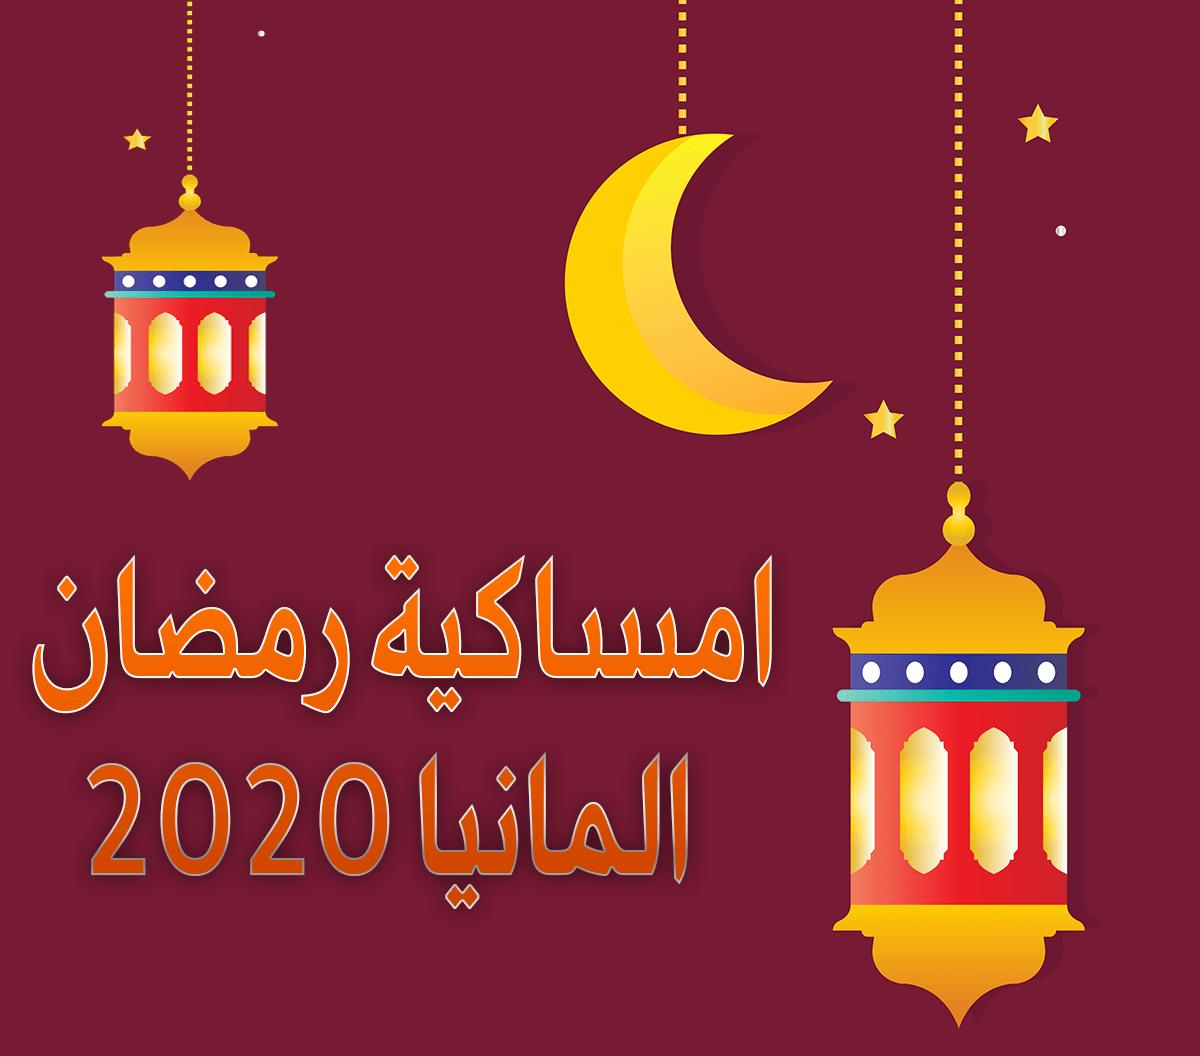 امساكية رمضان 2020 المانيا